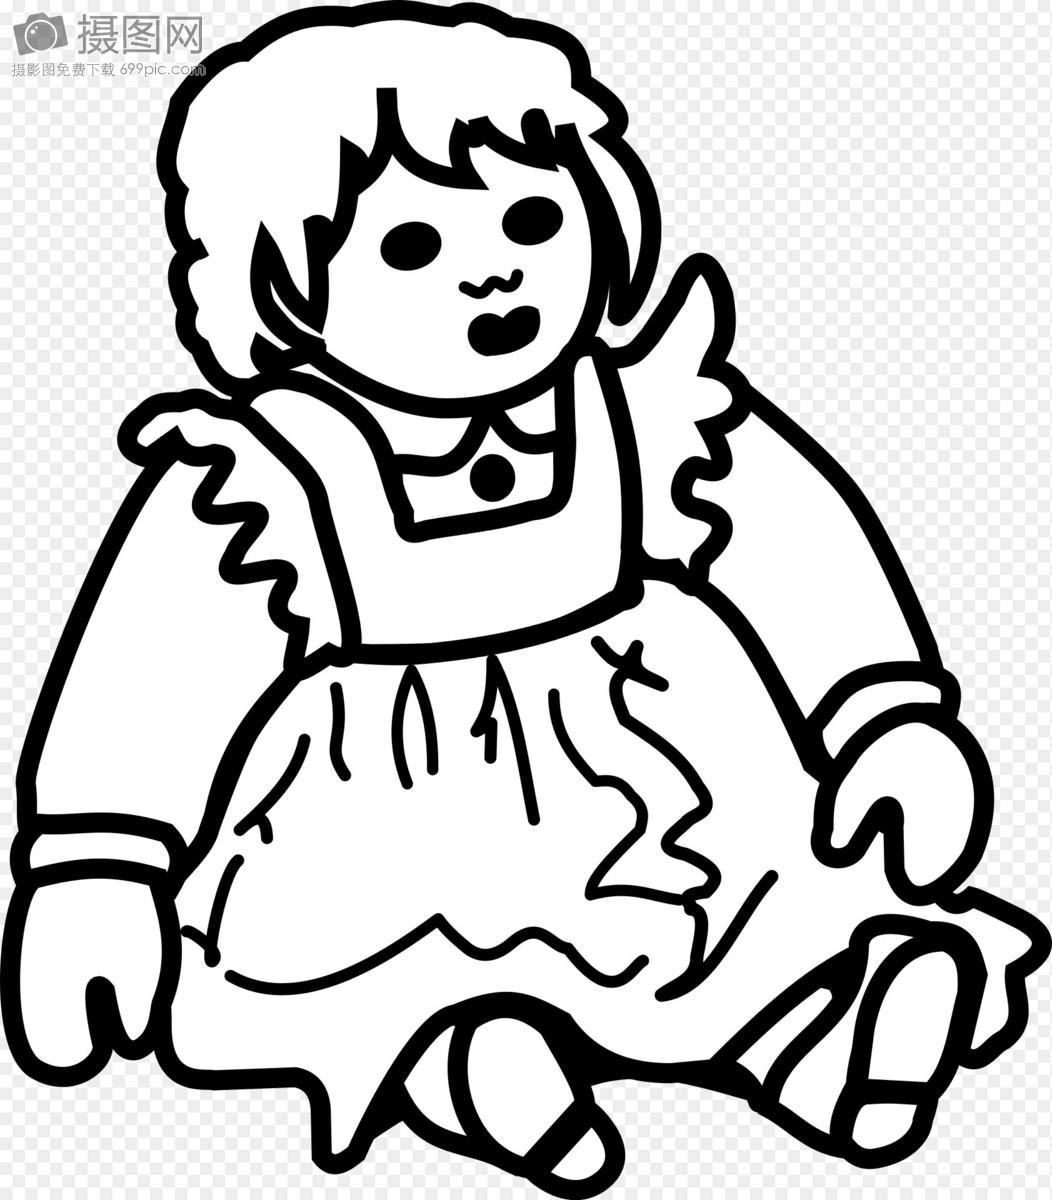 可爱的布娃娃